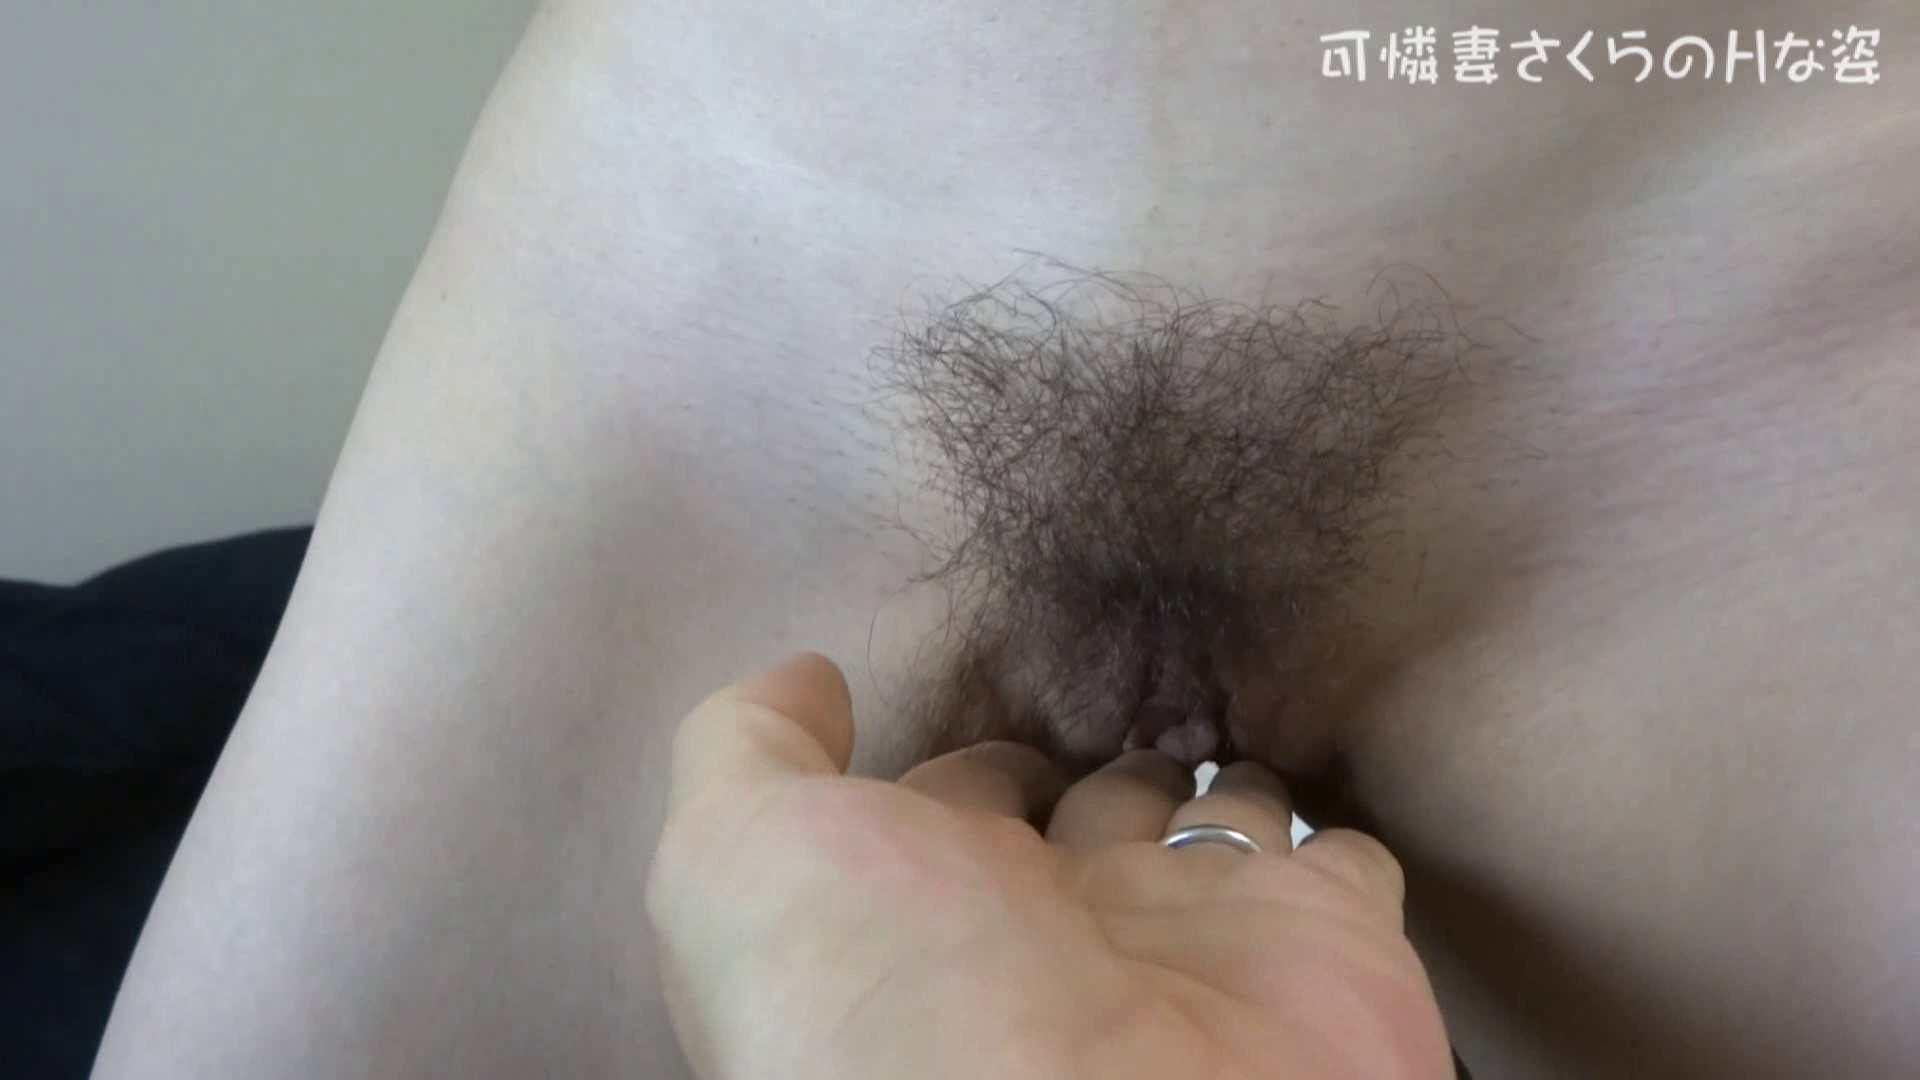 可憐妻さくらのHな姿vol.27 巨乳 盗み撮り動画キャプチャ 69PIX 59